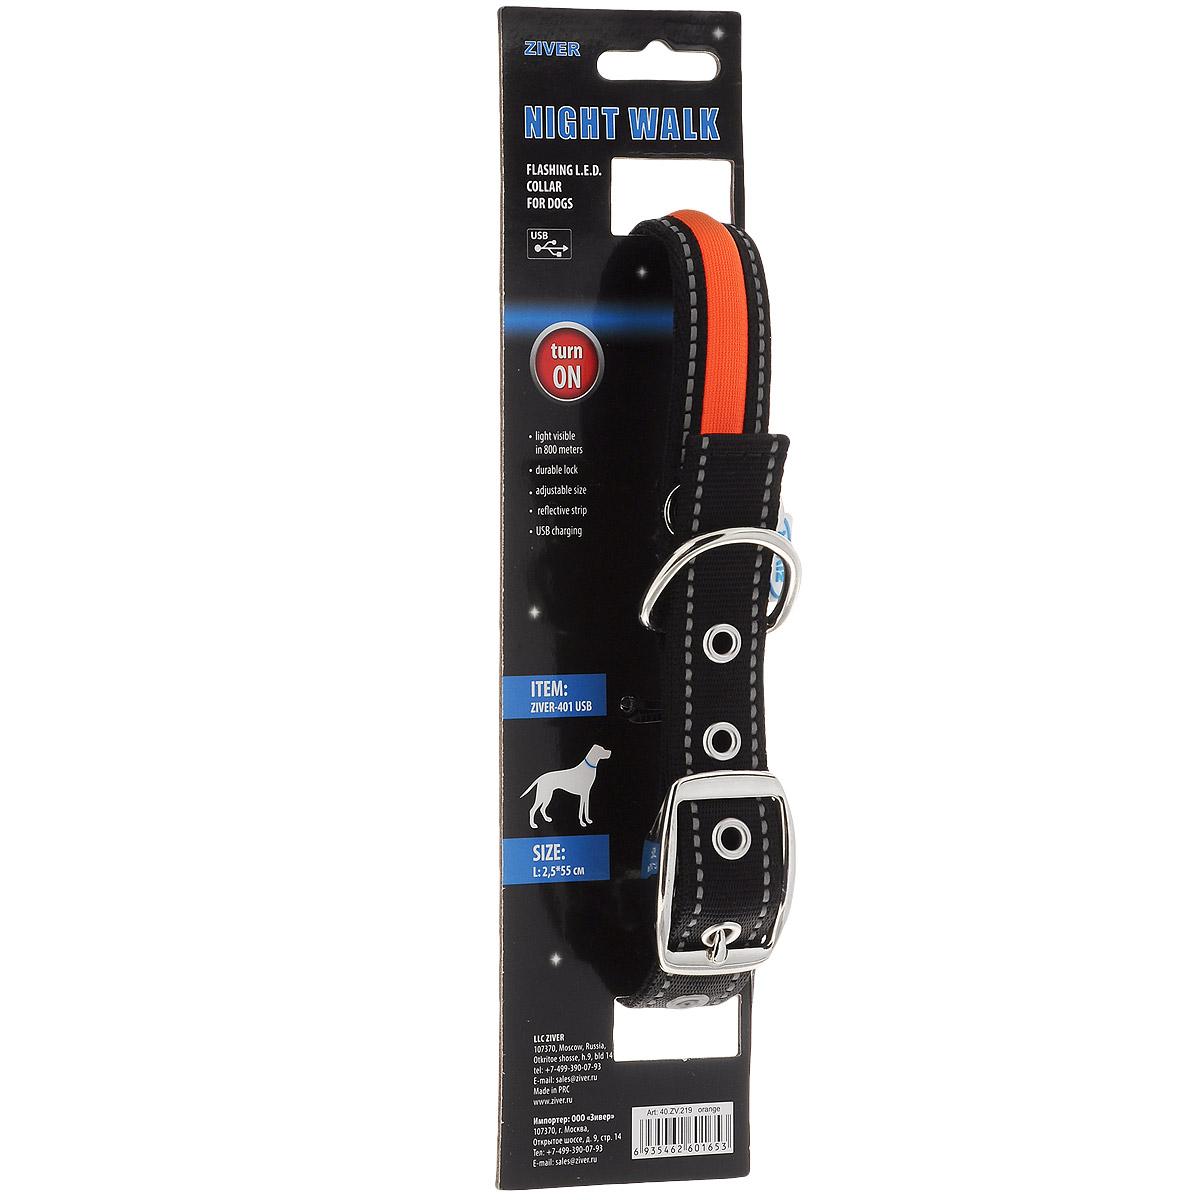 Ошейник для собак Ziver-401, светящийся, зарядка от USB, цвет: оранжевый, 55 см х 2,5 см40.ZV.119Светящийся ошейник Ziver-401 - это современный аксессуар, предназначенный для собак. Он выполнен из прочного нейлона и прошит светоотражающей нейлоновой нитью. Такой ошейник поможет вам видеть вашего питомца при прогулке в темное время суток. Ziver Ziver-401 обезопасит ваше животное от попадания под автомобиль, так как водитель сможет заметить приближающуюся собаку на расстоянии до 800 метров. Особенности ошейника: - работает в 4 режимах: постоянный свет, быстрое мигание, медленное мигание, без света; - в темное время суток виден на расстоянии до 800 метров; - сменный аккумулятор заряжается через USB-кабель; - надежная хромированная металлическая пряжка и металлическое кольцо; - выдерживает нагрузку на рывок до 250 кг; - прошит с обеих сторон светоотражающей нитью; - влагозащищен - от дождя и снега (не рекомендуем погружать в воду батарейный блок). Размер ошейника (ДхШ): 55 см х 2,5 см.